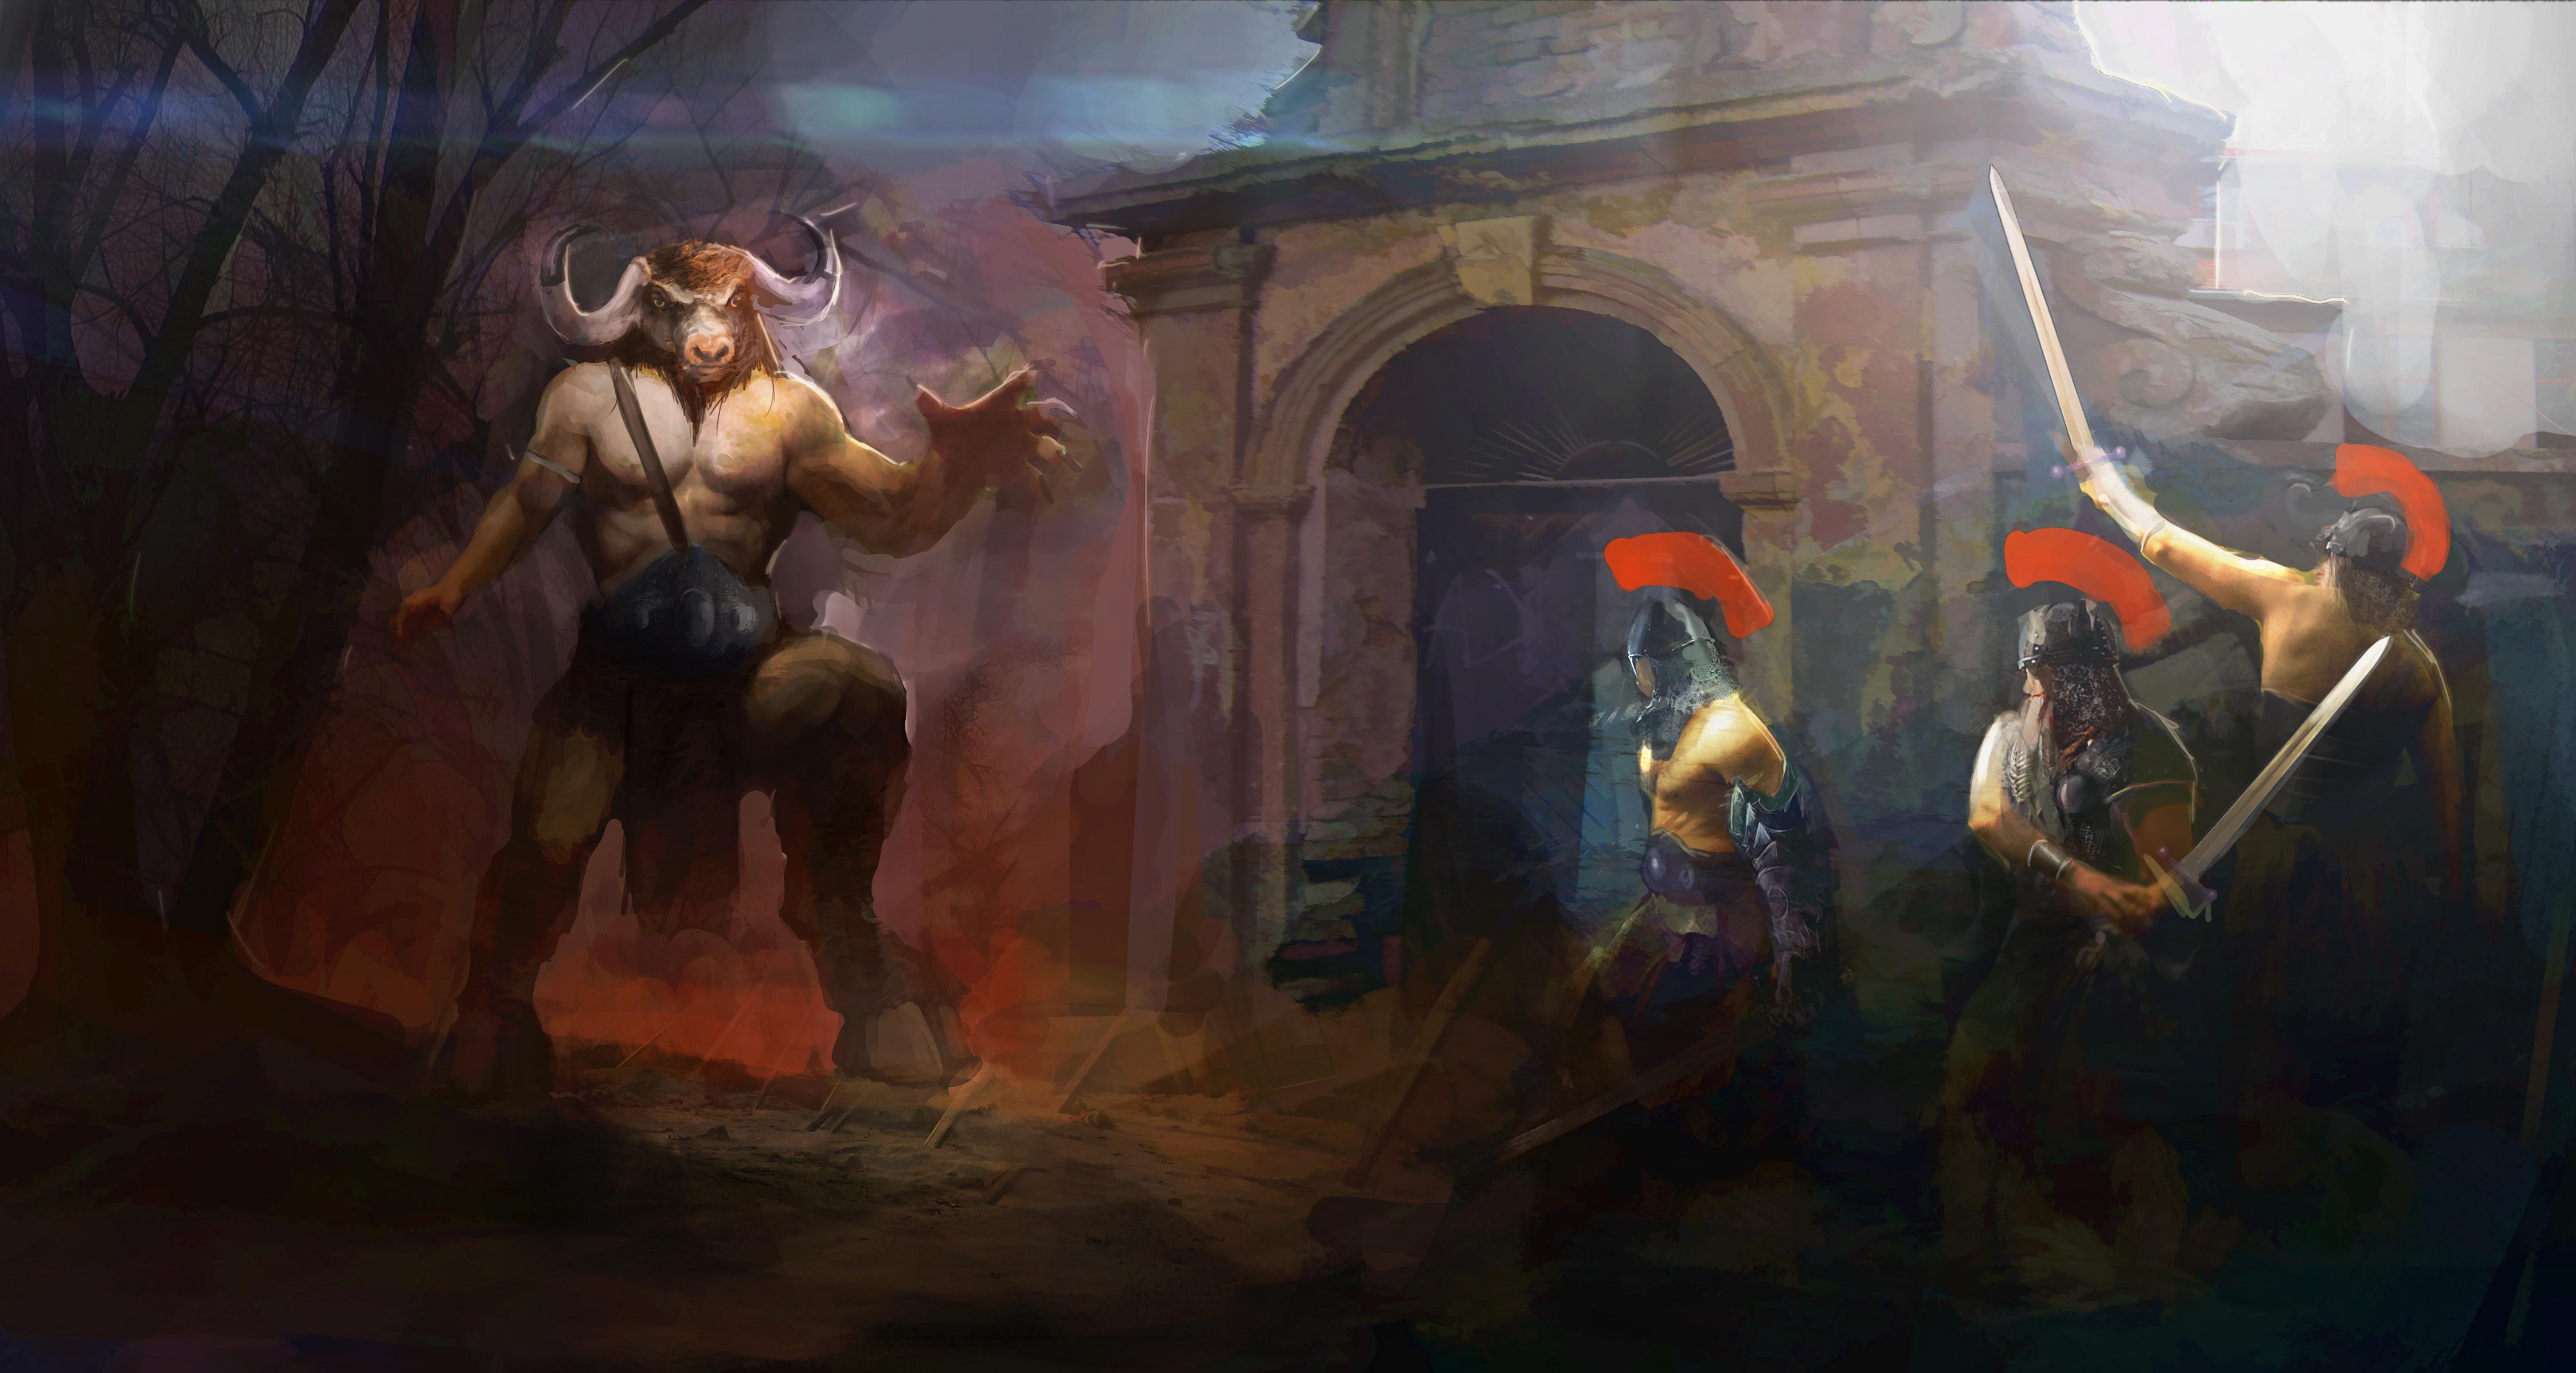 angry minotaur fighting warriors